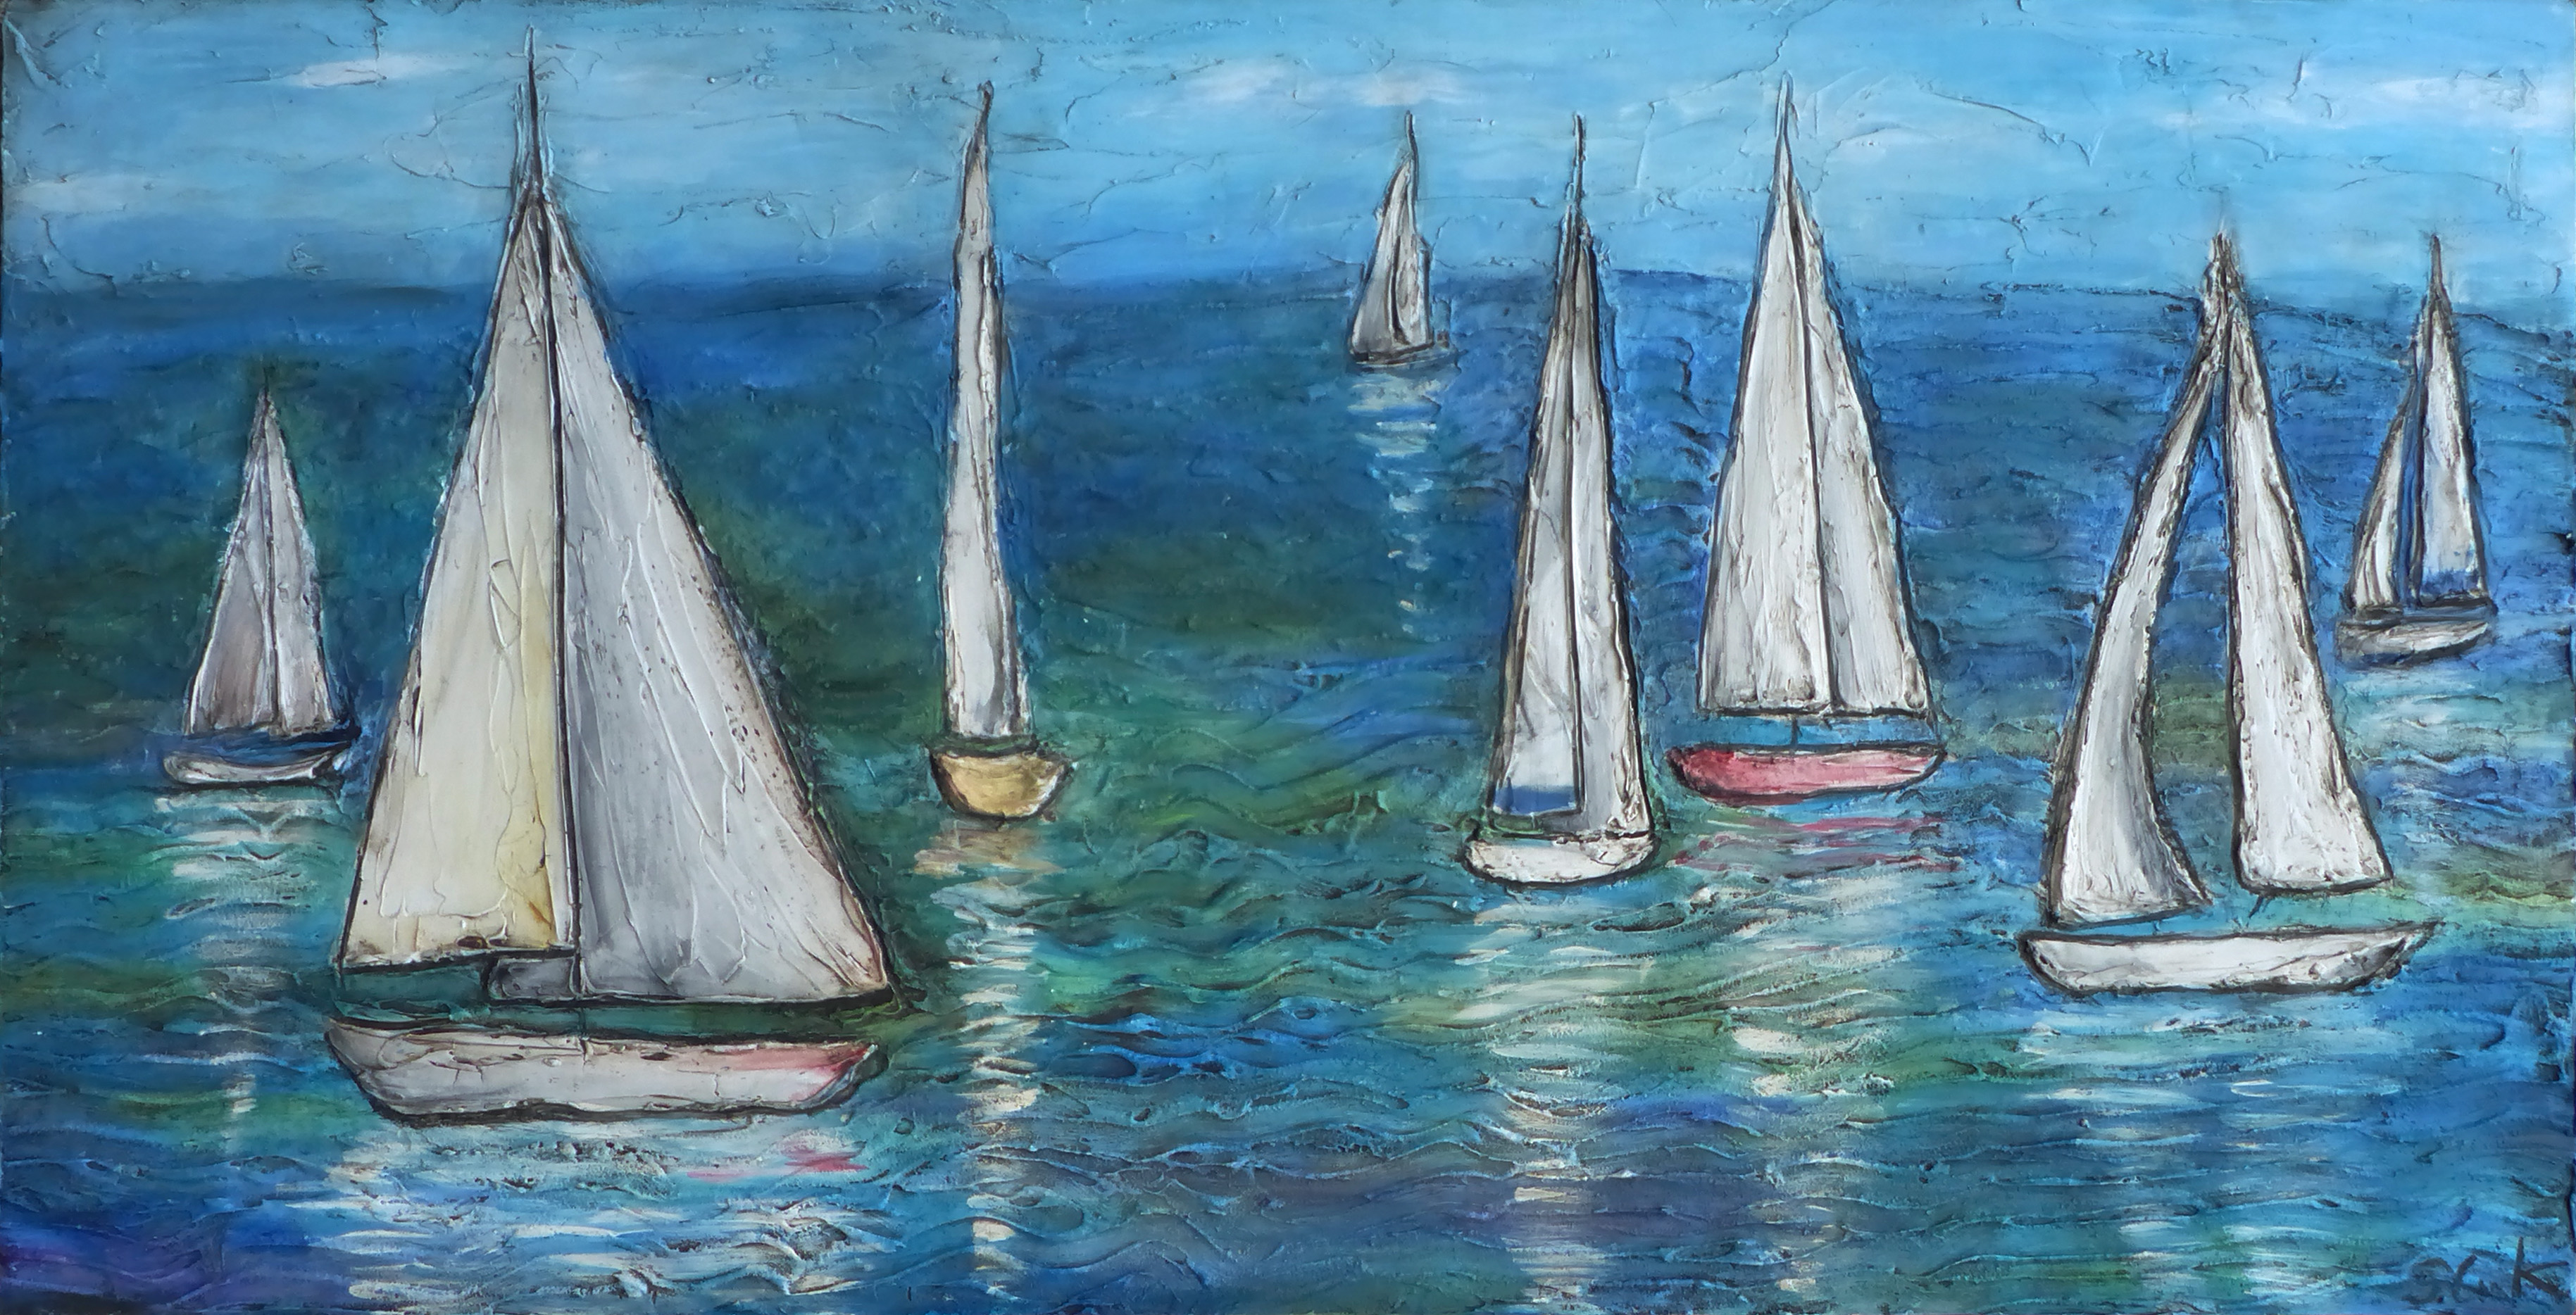 Sunday Sailing 24x48